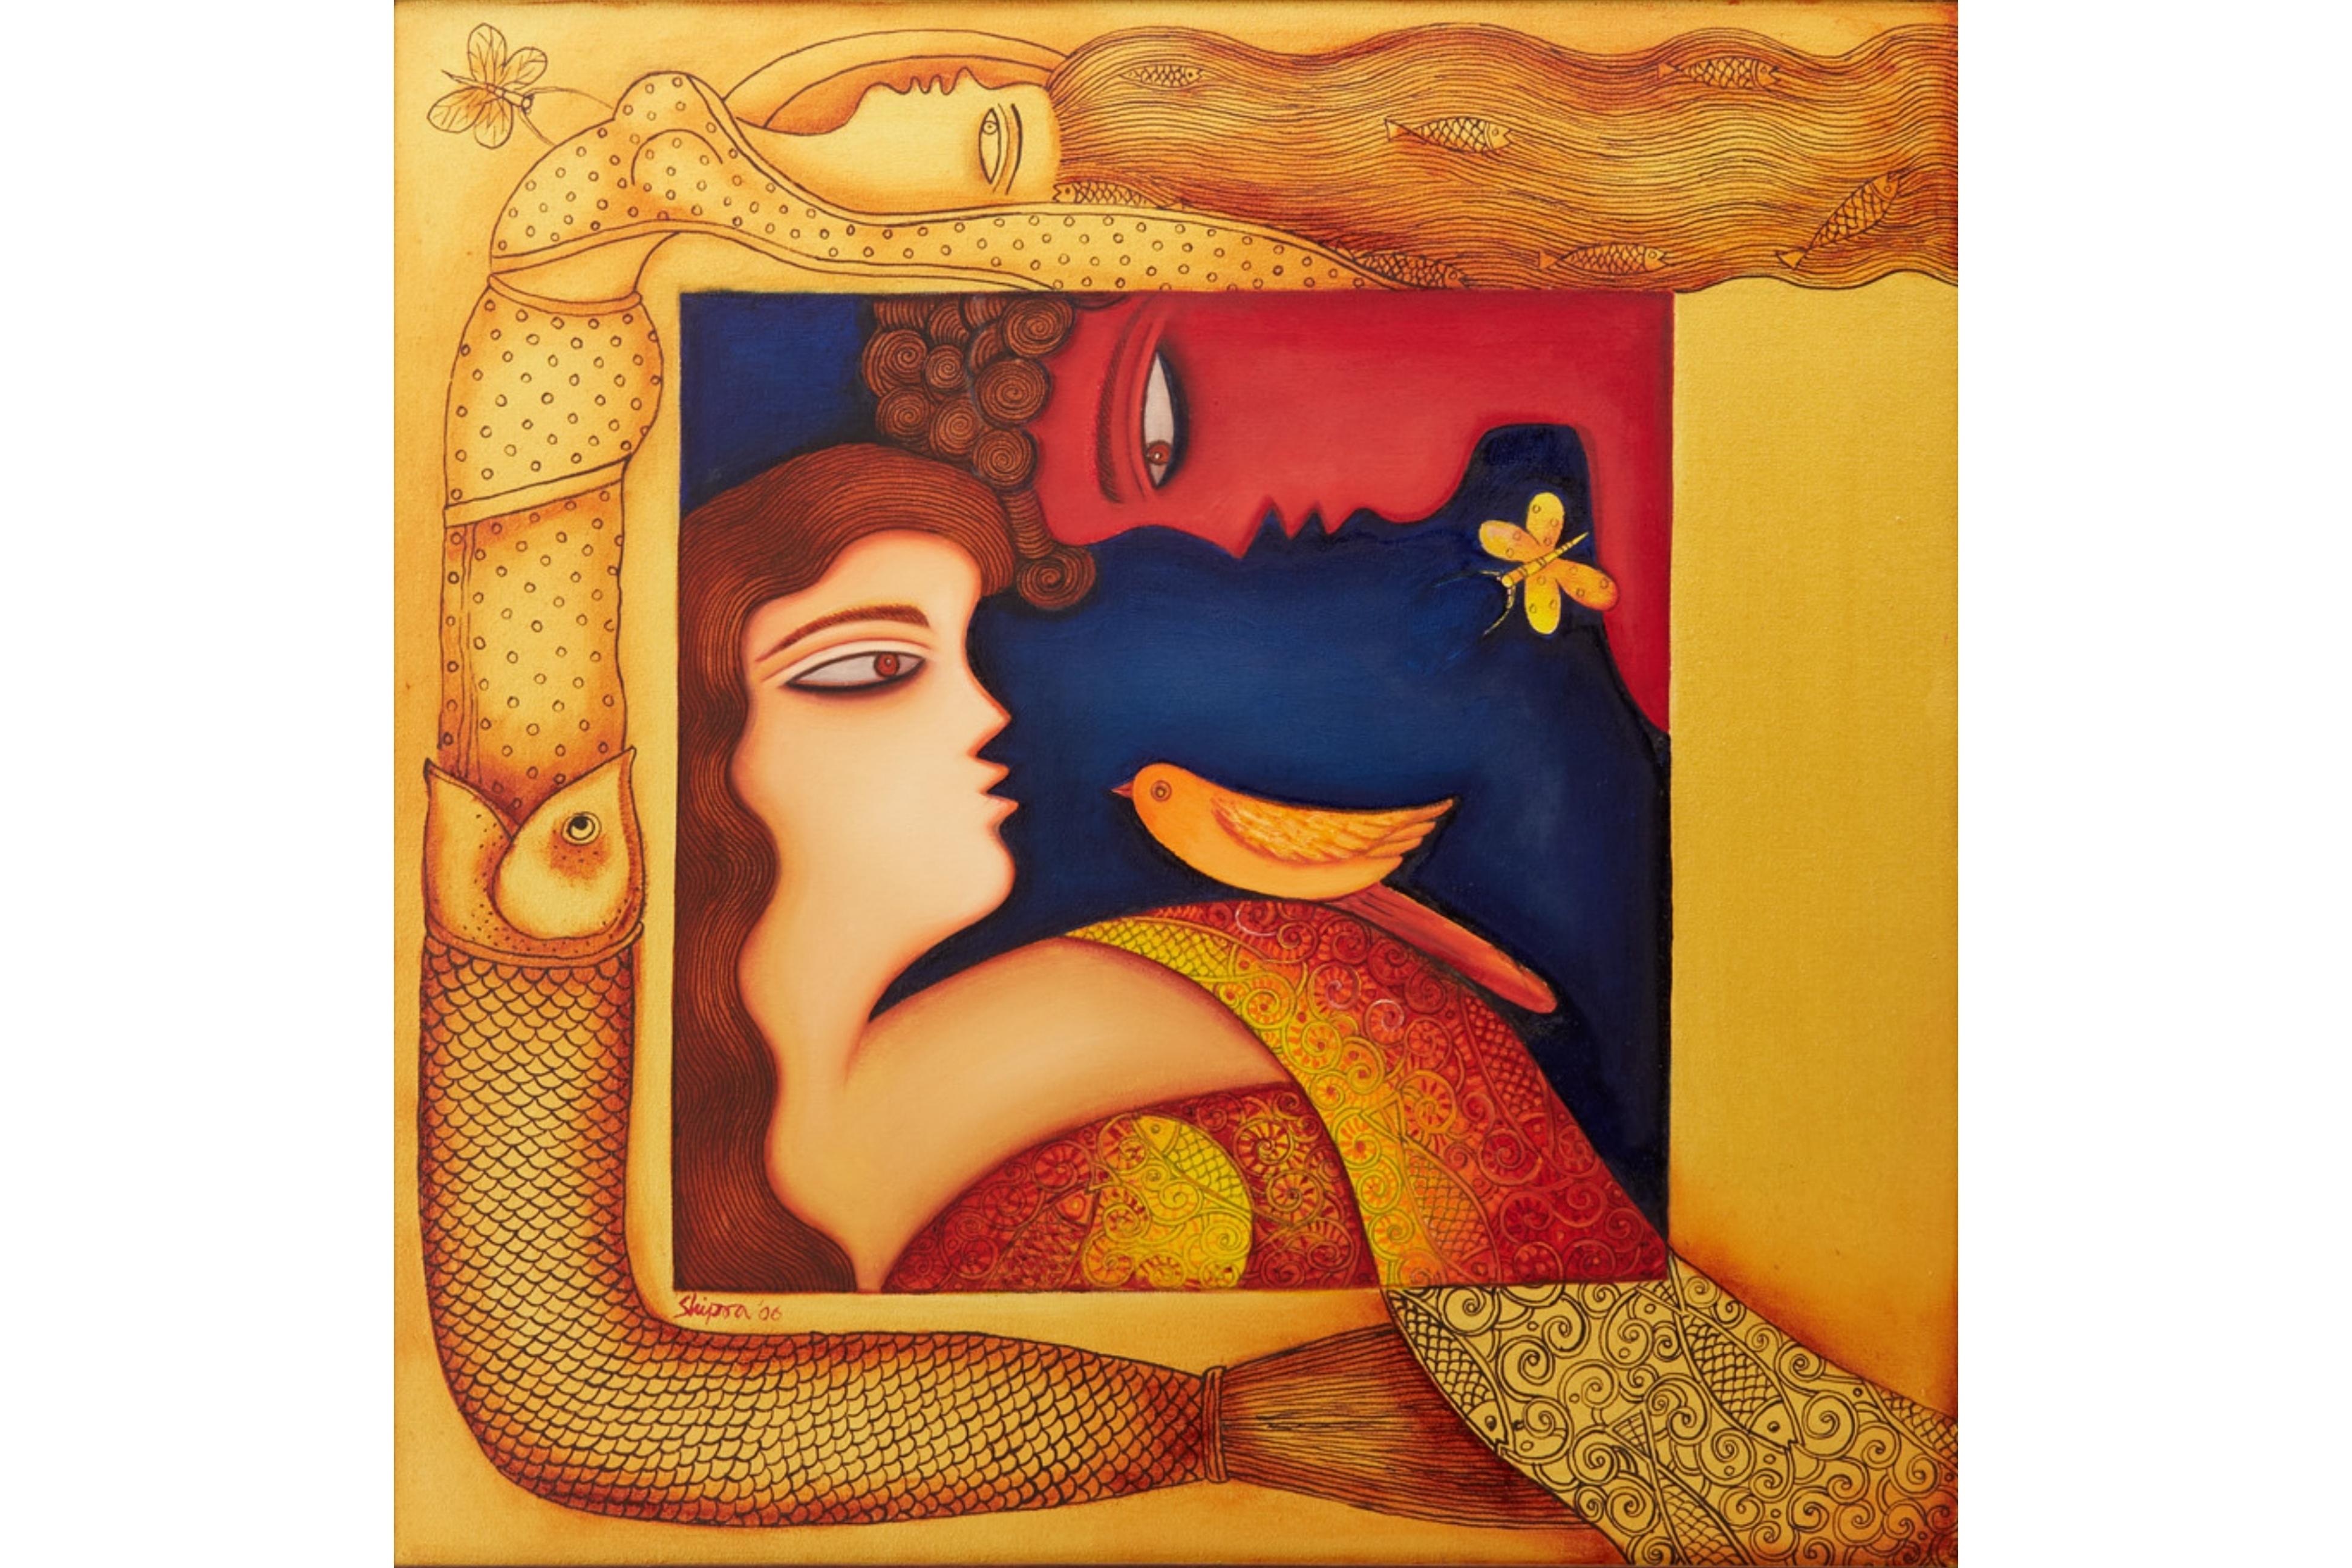 SHIPRA BHATTACHARYA (INDIAN, B.1954) - DESIRE